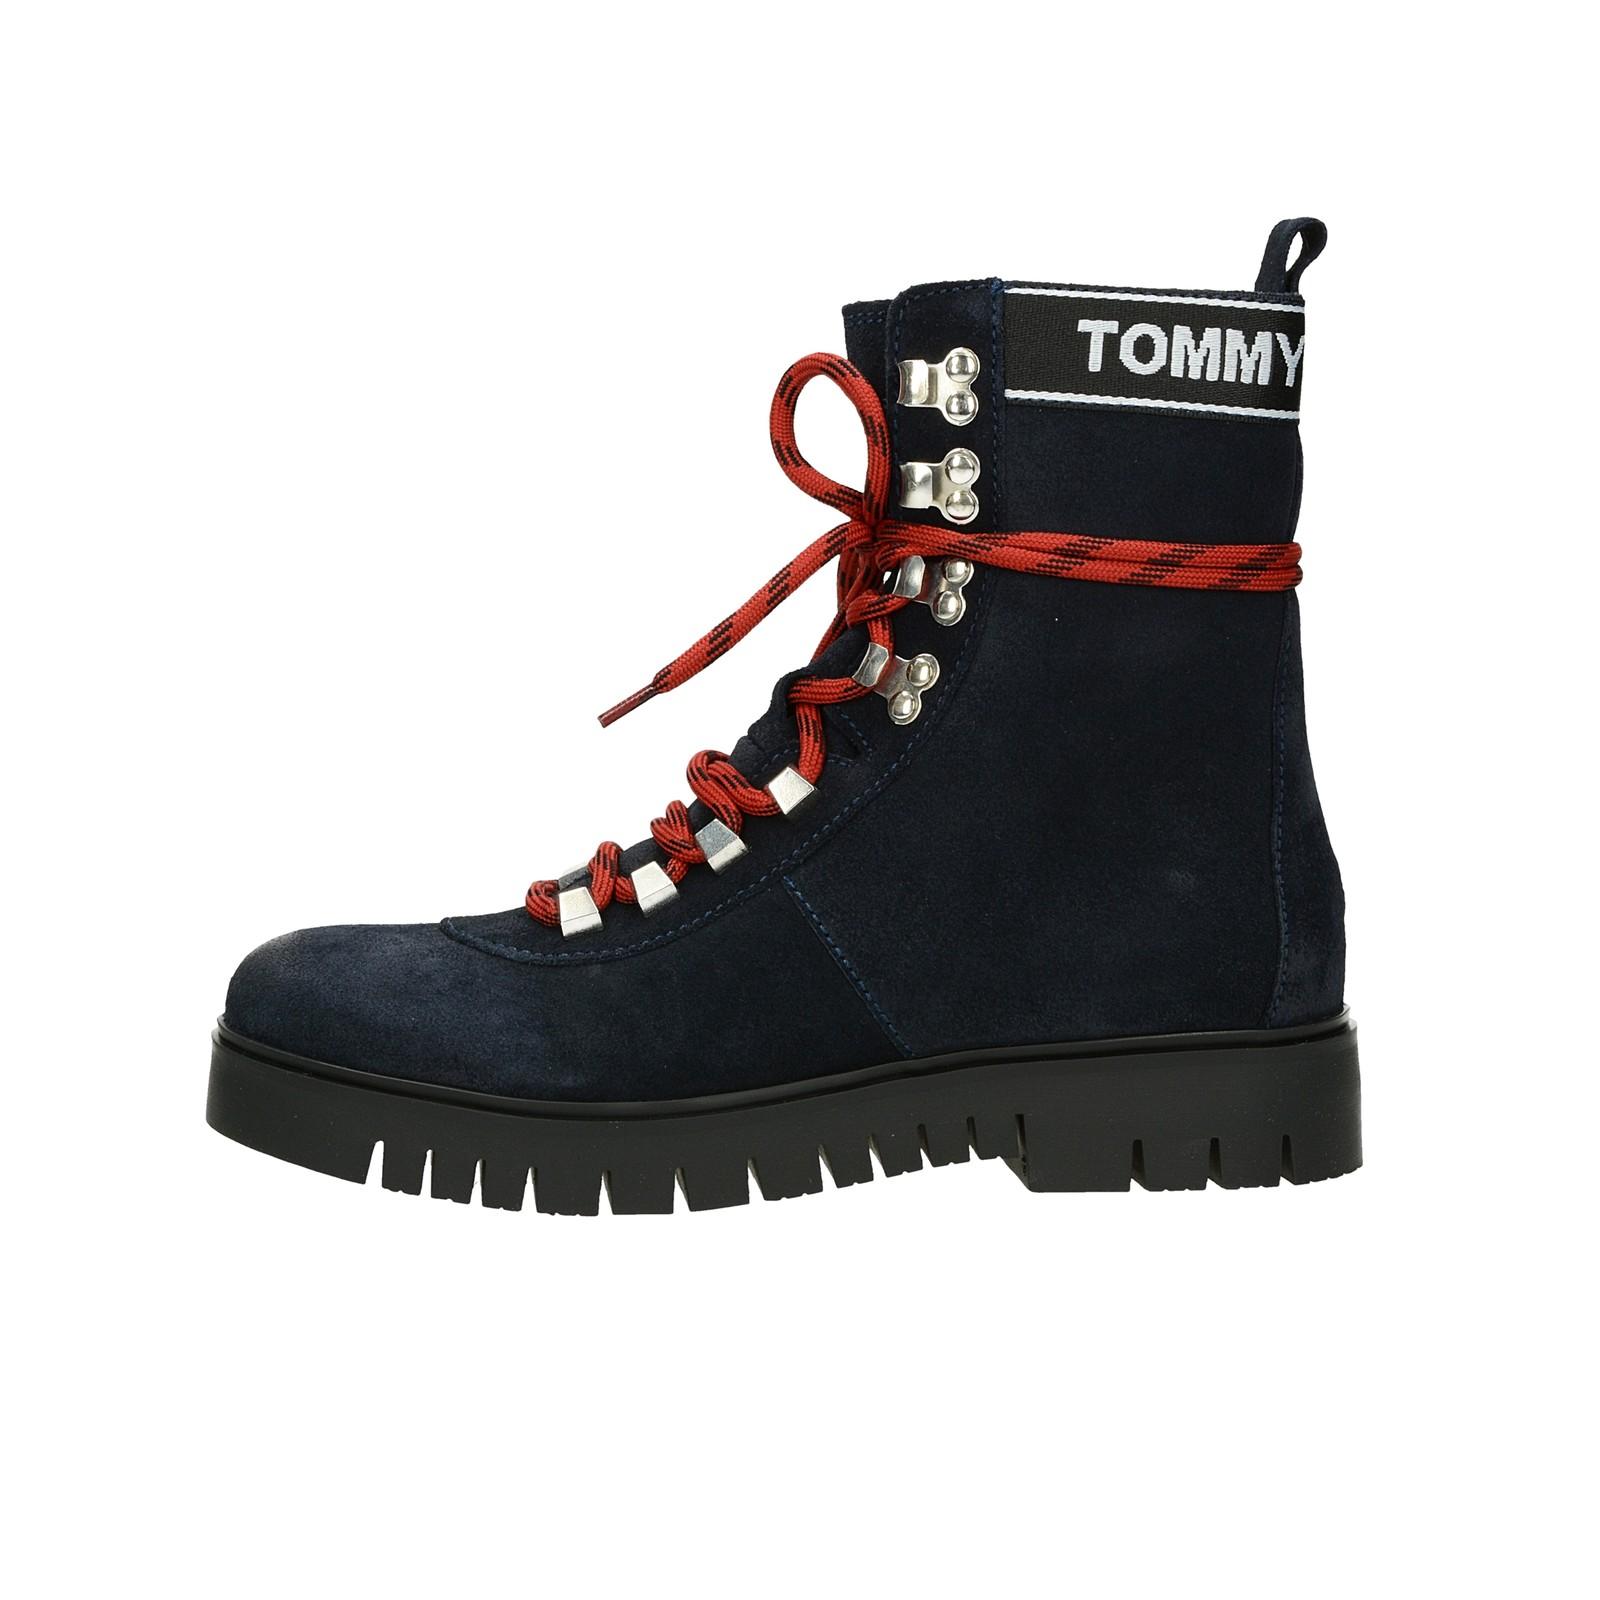 ... Tommy Hilfiger dámské vysoké kotníkové boty - modré ... d60878611d